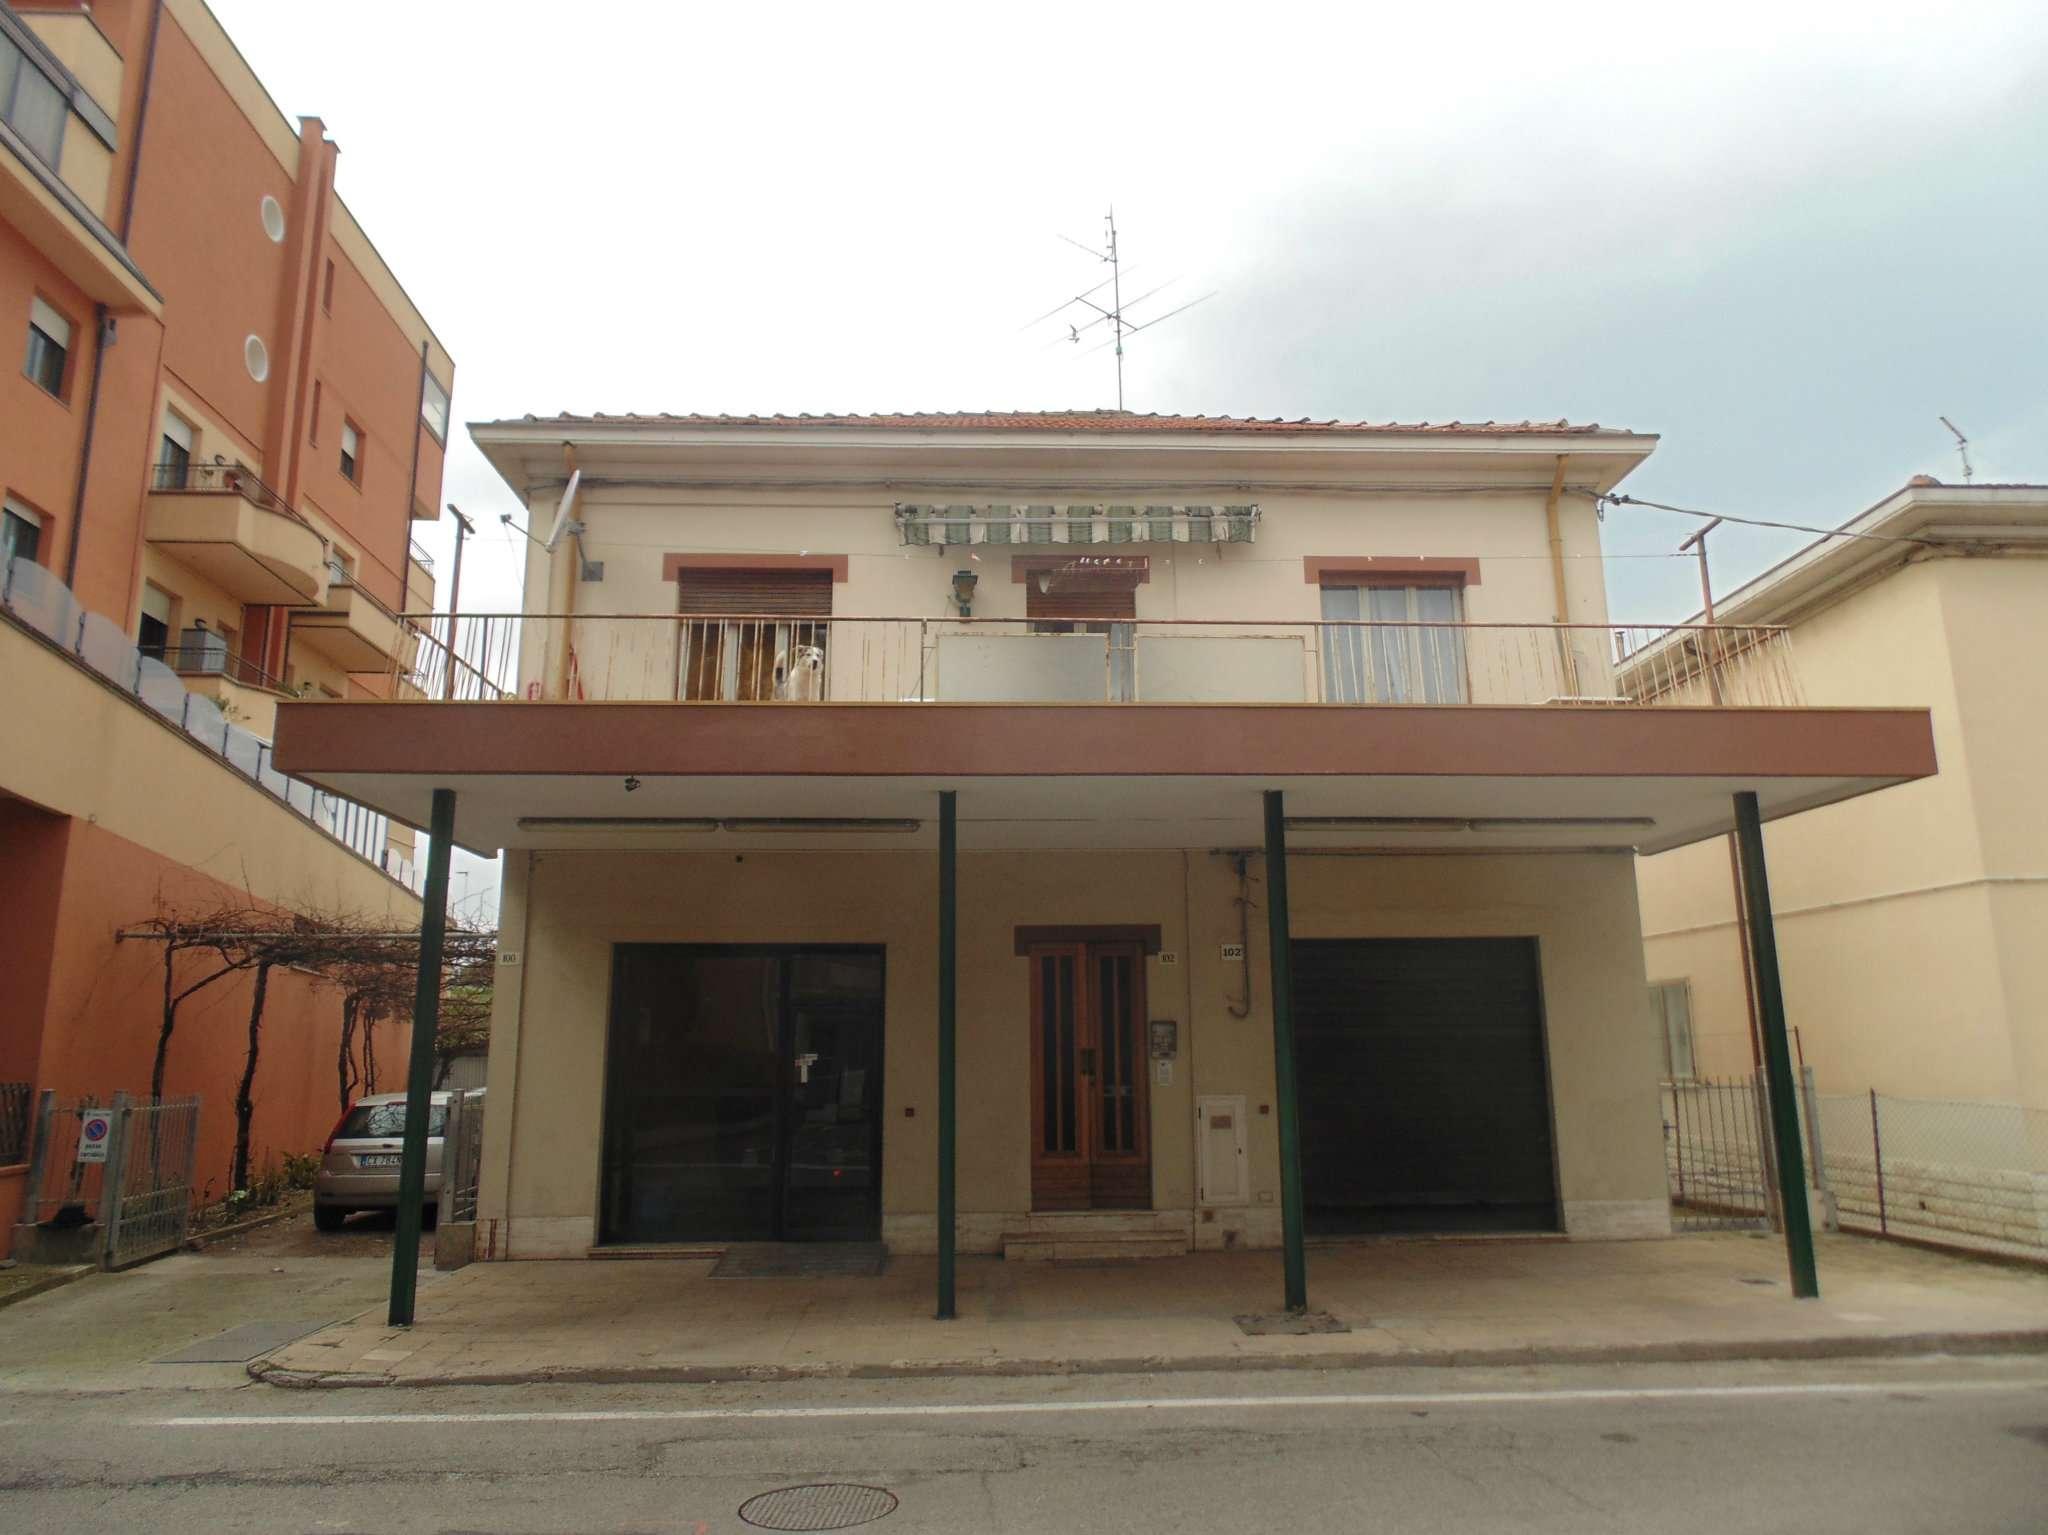 Soluzione Indipendente in vendita a Rimini, 11 locali, prezzo € 480.000 | CambioCasa.it